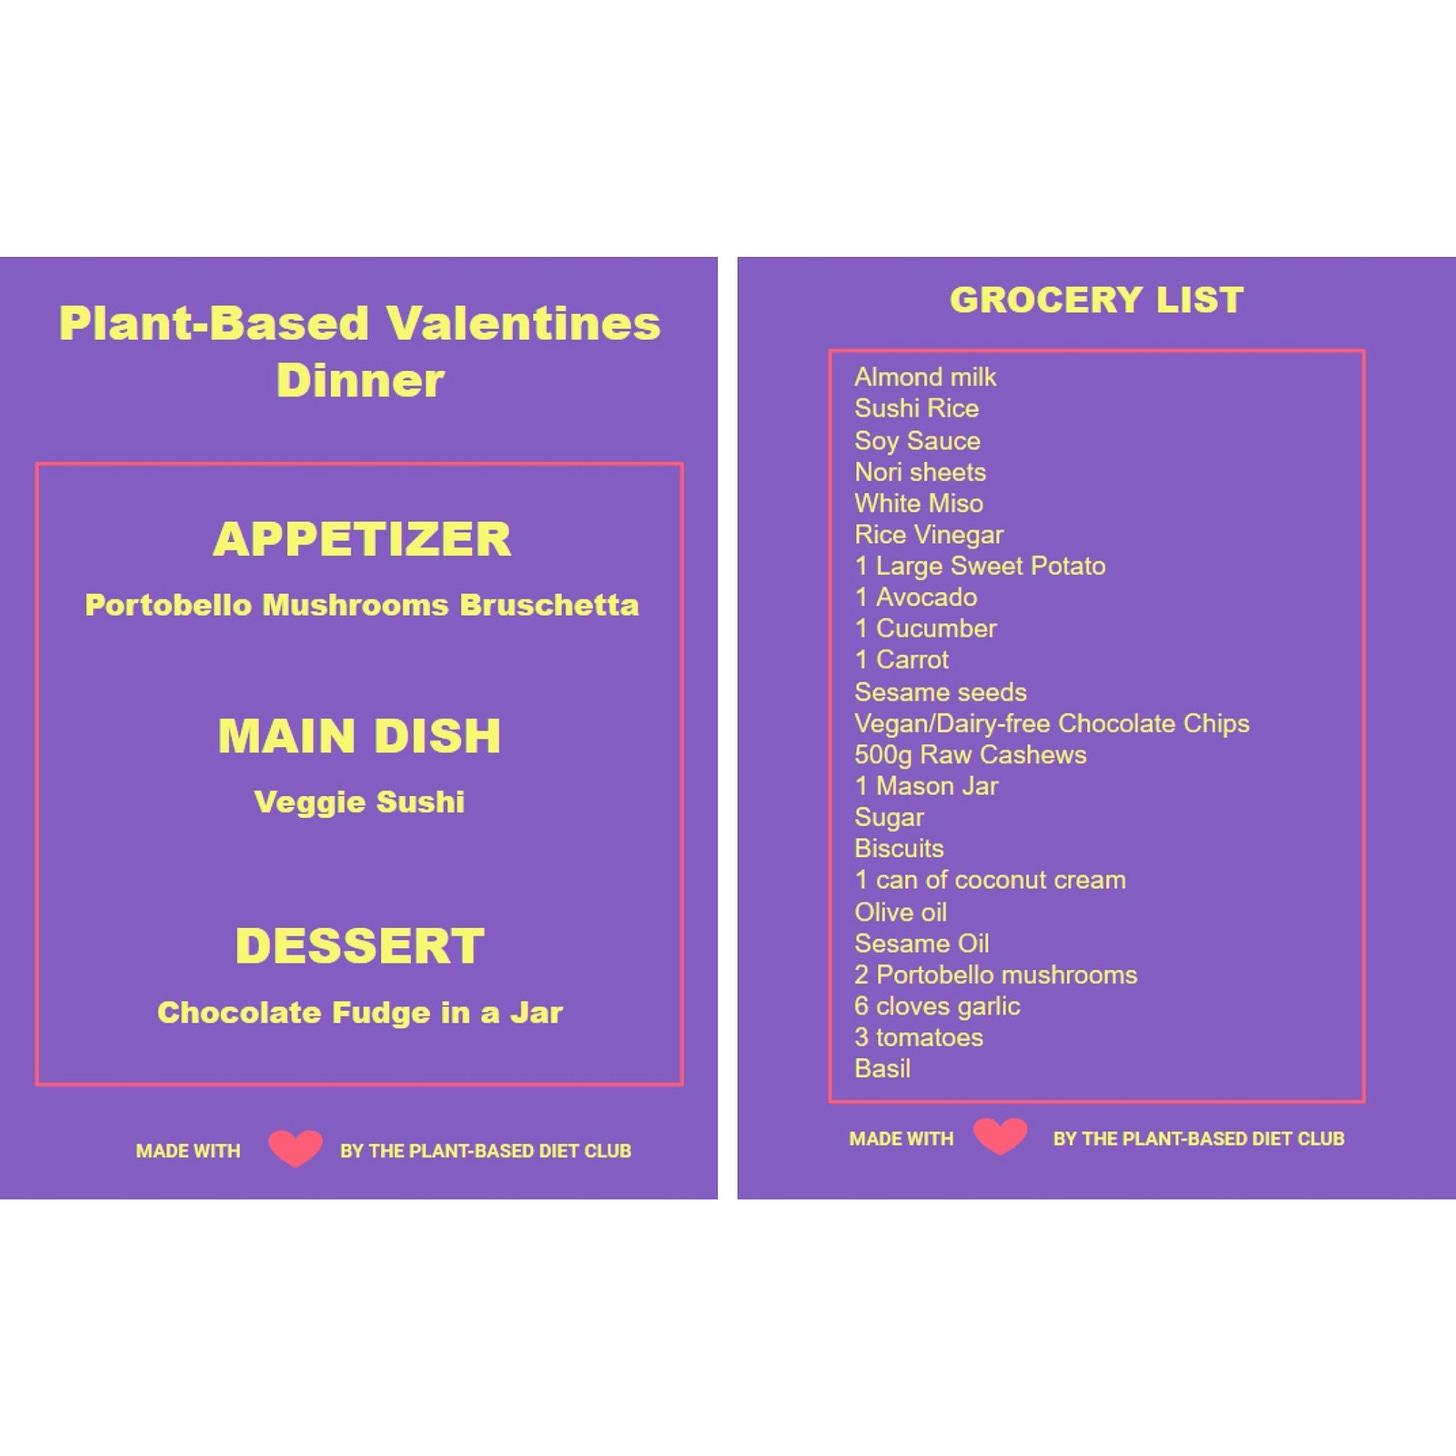 Plant-Based Valentines Dinner